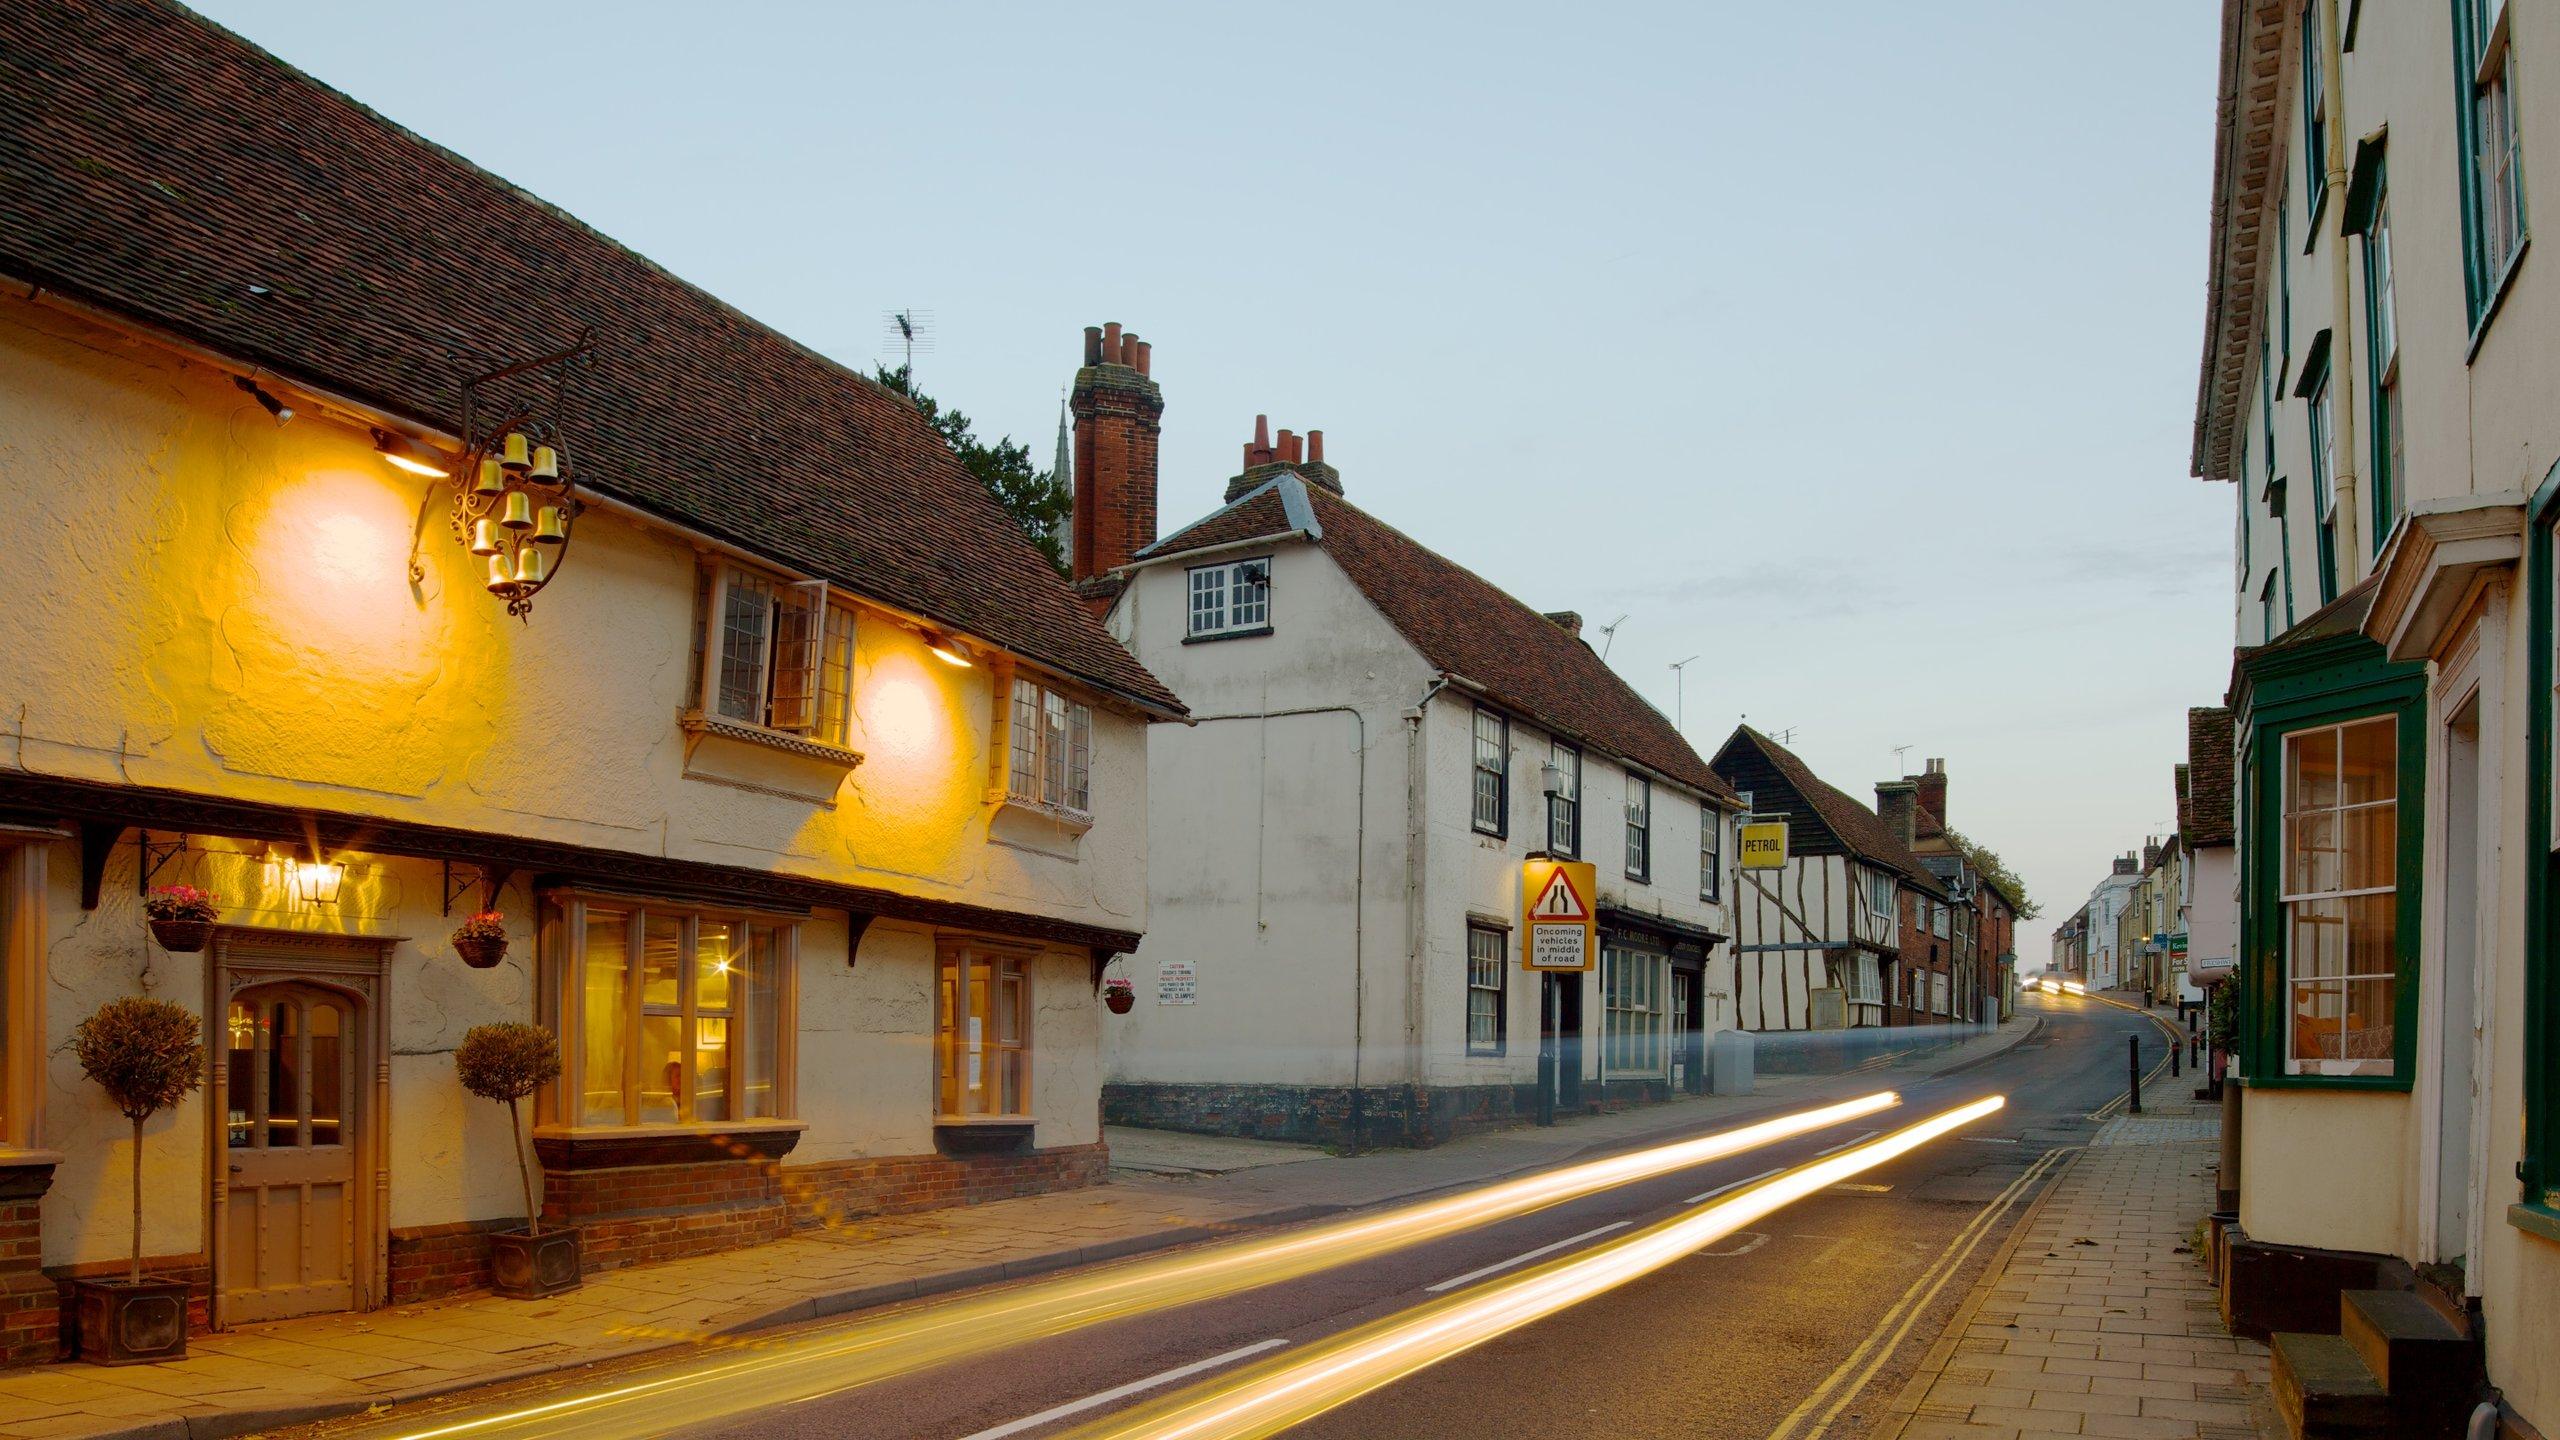 Saffron Walden, Engeland, Verenigd Koninkrijk